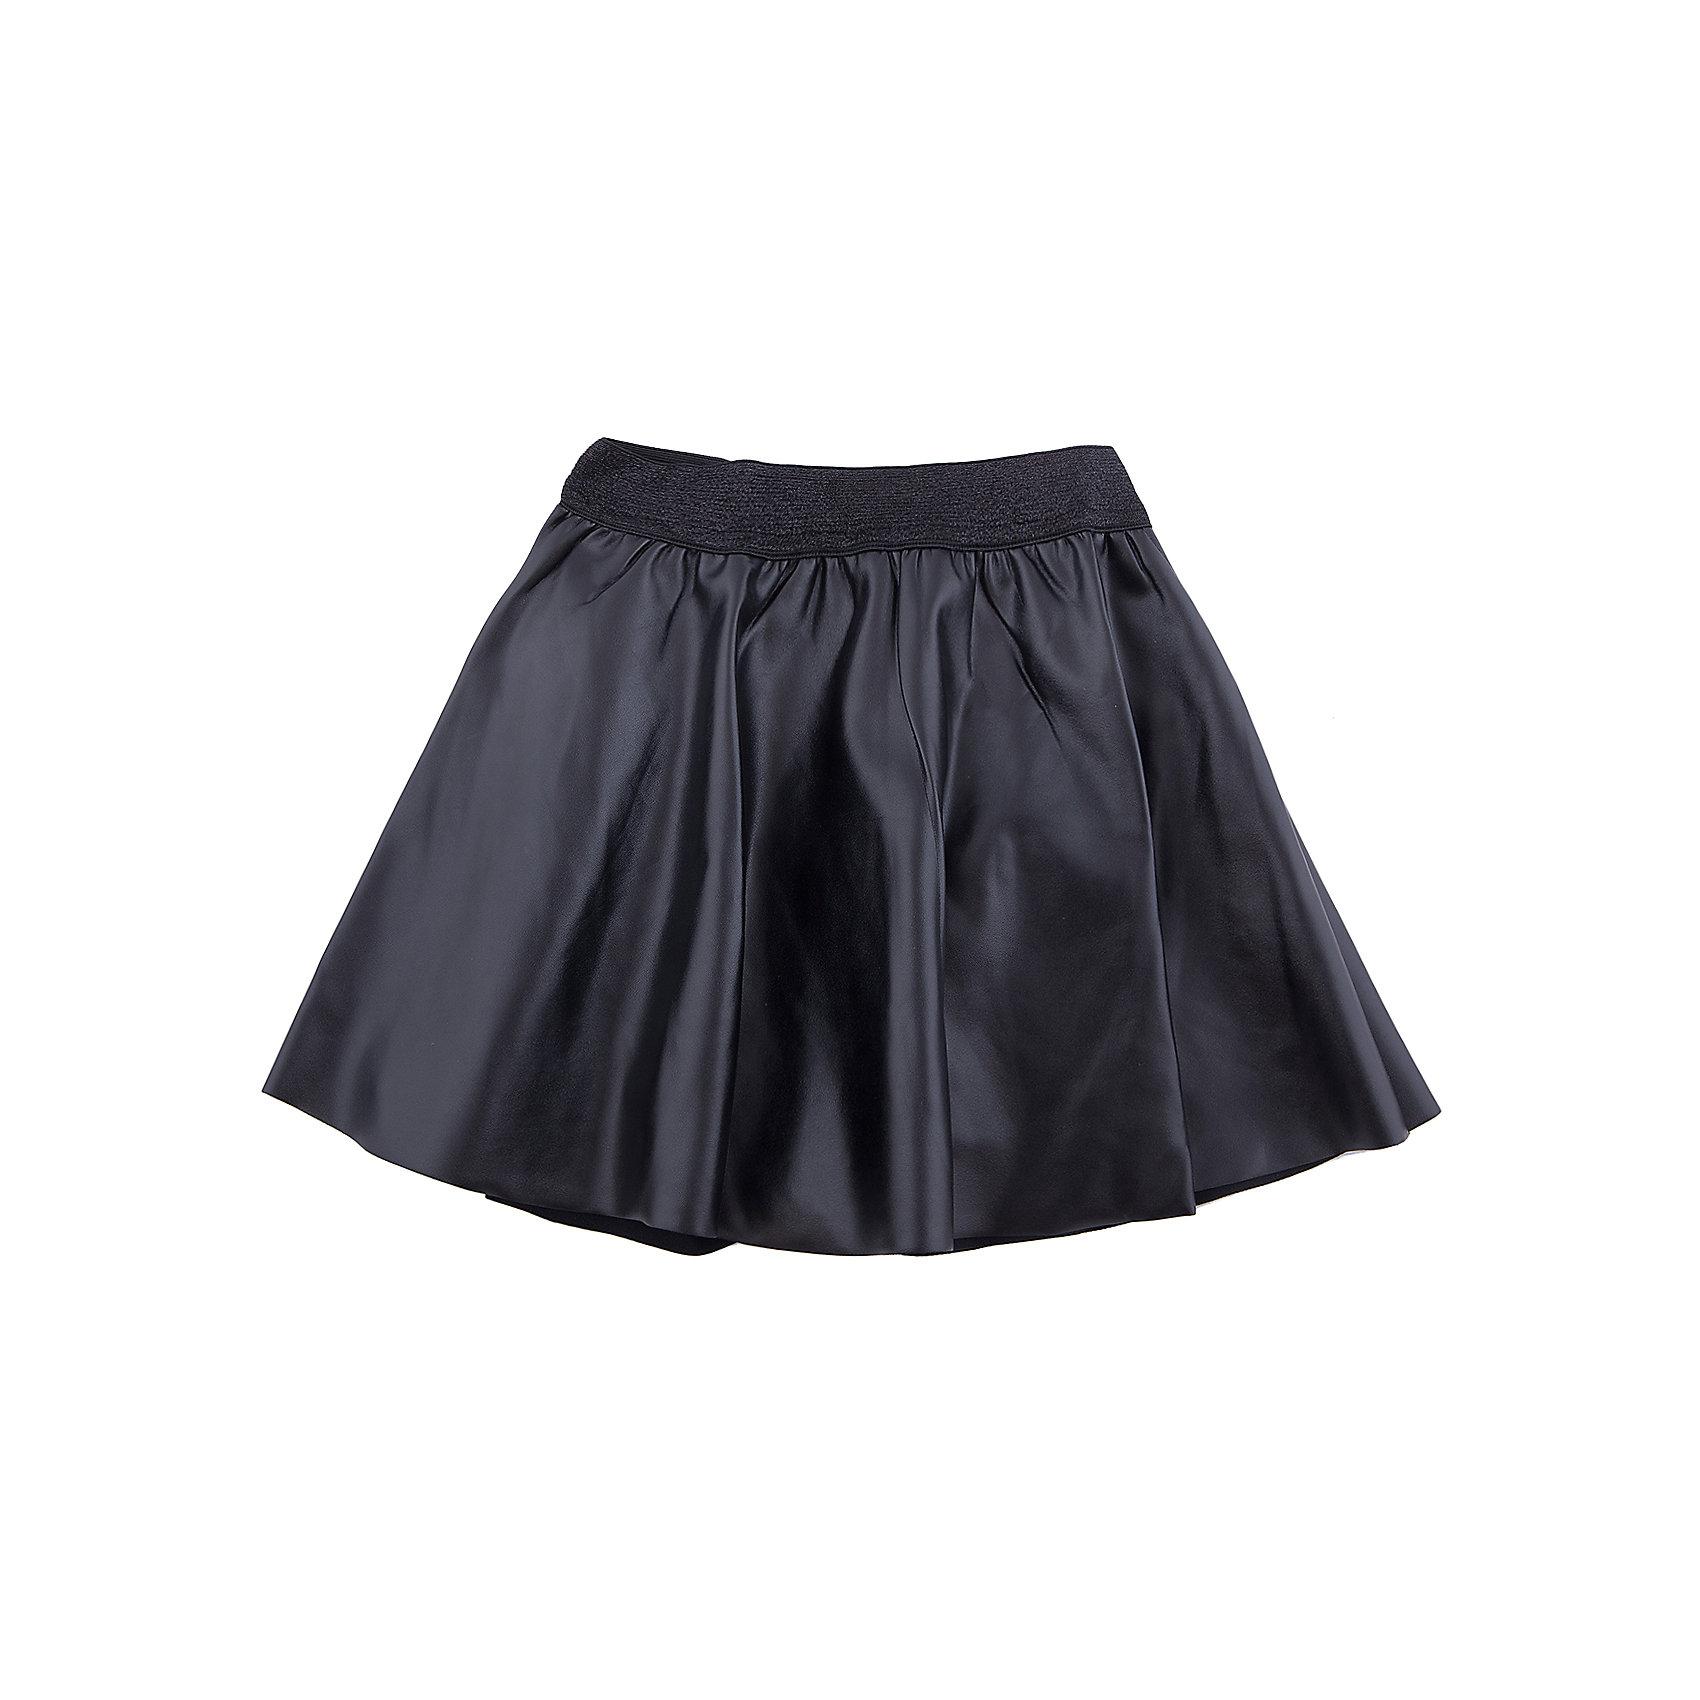 Юбка Scool для девочкиЮбки<br>Характеристики товара:<br><br>• цвет: черный;<br>• состав: 95% полиэстер, 5% эластан;<br>• подкладка: 100% хлопок;<br>• сезон: демисезон;<br>• особенности: кожаная, на подкладке;<br>• юбка на резинке;<br>• юбка на подкладке;<br>• коллекция: городские огни;<br>• страна бренда: Германия;<br>• страна изготовитель: Китай.<br><br>Юбка Scool для девочки. Эффектная юбка из черной искусственной кожи дополнит повседневный гардероб ребенка. Свободный крой не сковывает движений. Пояс на трикотажной резинке, не сдавливающей живот ребенка, декорирован люрексной нитью.<br><br>Юбку Scool для девочки (Скул) можно купить в нашем интернет-магазине.<br><br>Ширина мм: 207<br>Глубина мм: 10<br>Высота мм: 189<br>Вес г: 183<br>Цвет: черный<br>Возраст от месяцев: 156<br>Возраст до месяцев: 168<br>Пол: Женский<br>Возраст: Детский<br>Размер: 164,134,140,146,152,158<br>SKU: 7105352